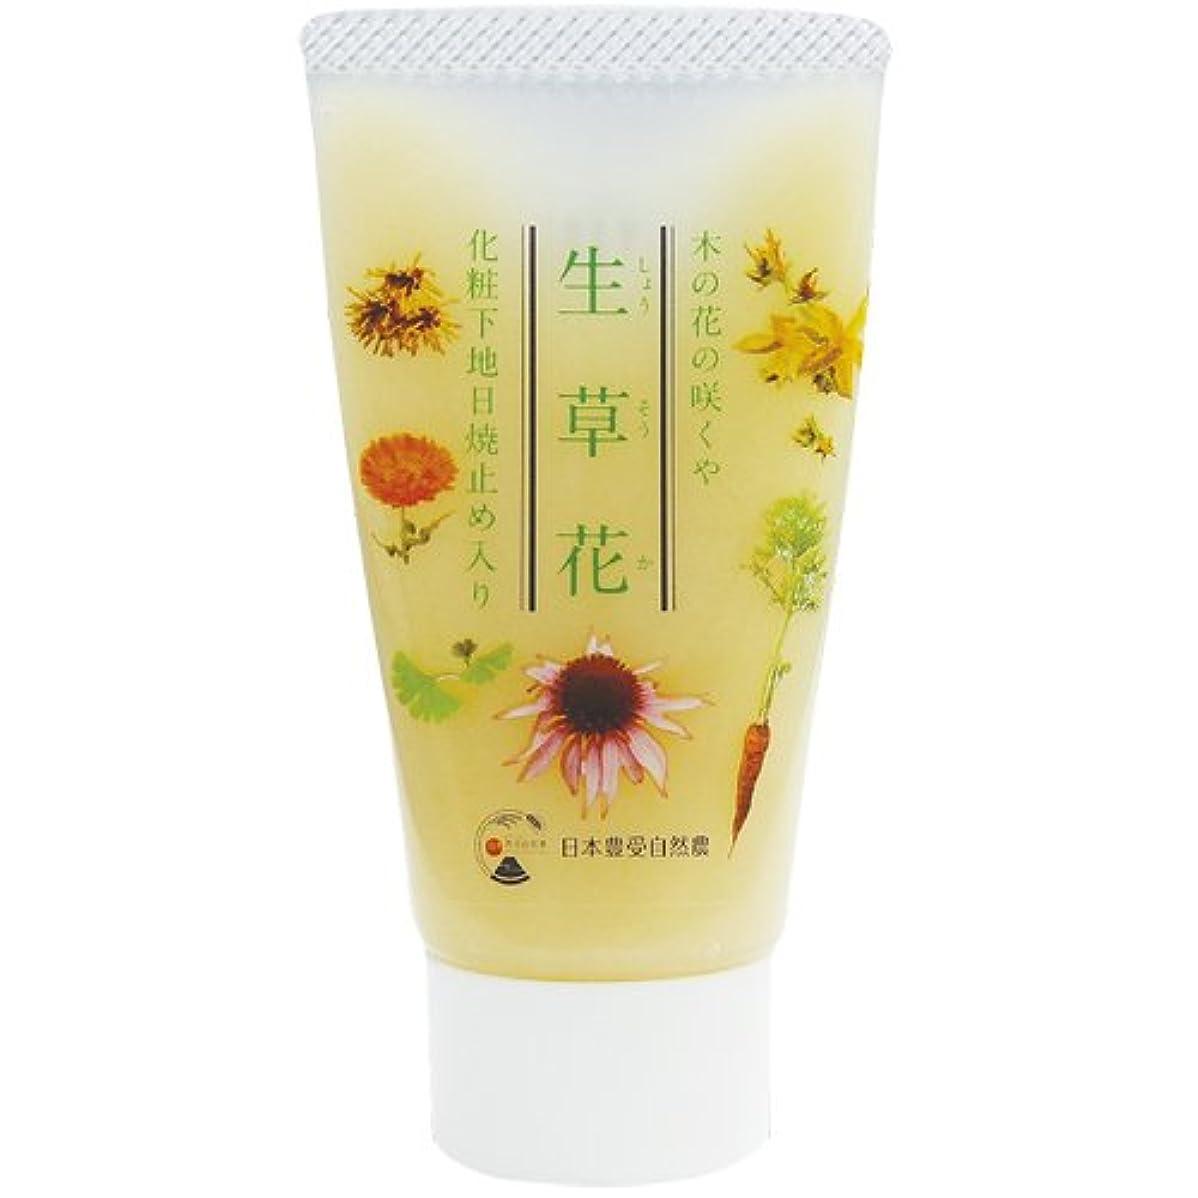 年無効必要とする日本豊受自然農 木の花の咲くや 生草花 化粧下地 日焼け止め入り 30g